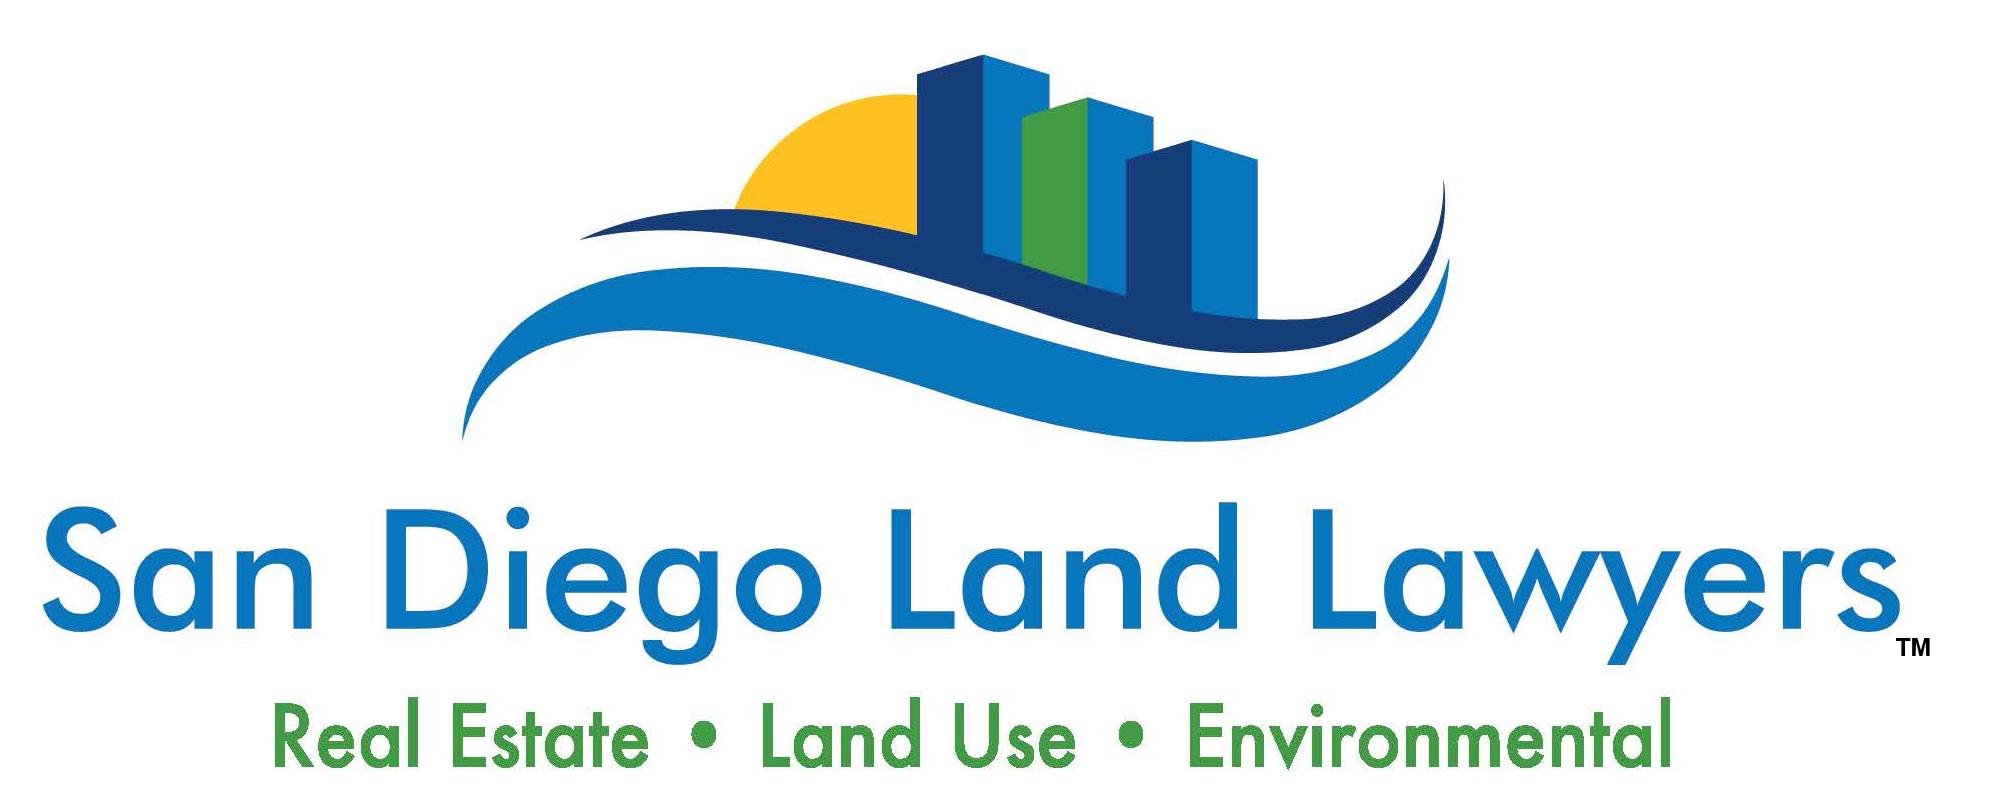 San Diego Land Lawyers